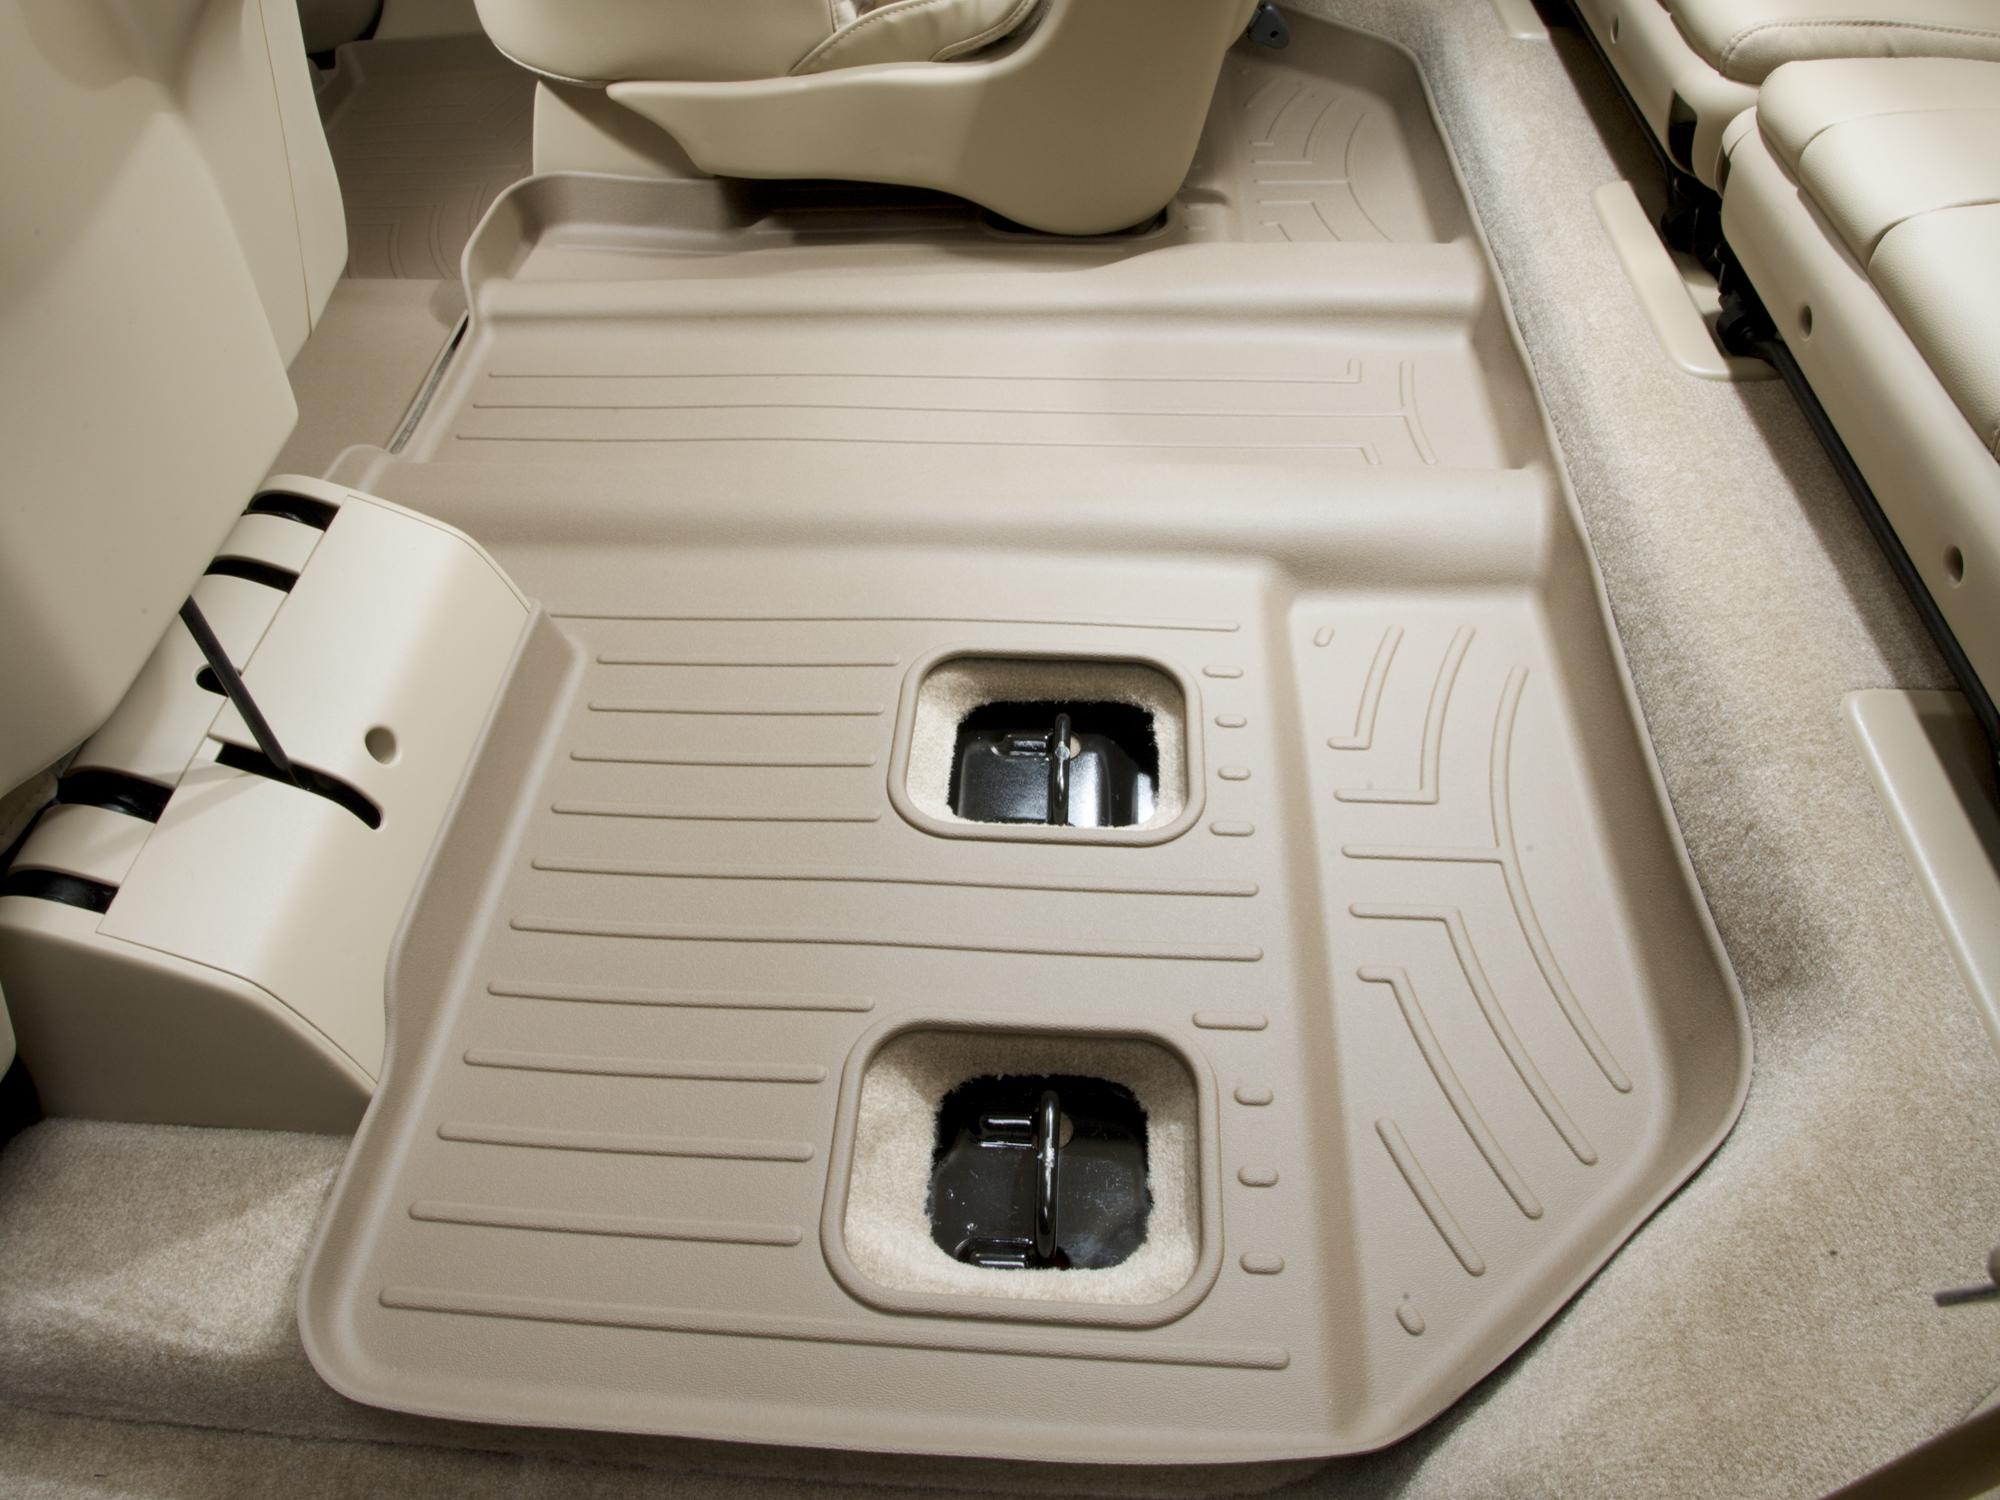 Tappeti gomma su misura bordo alto Cadillac Escalade ESV 07>10 Marrone A48*